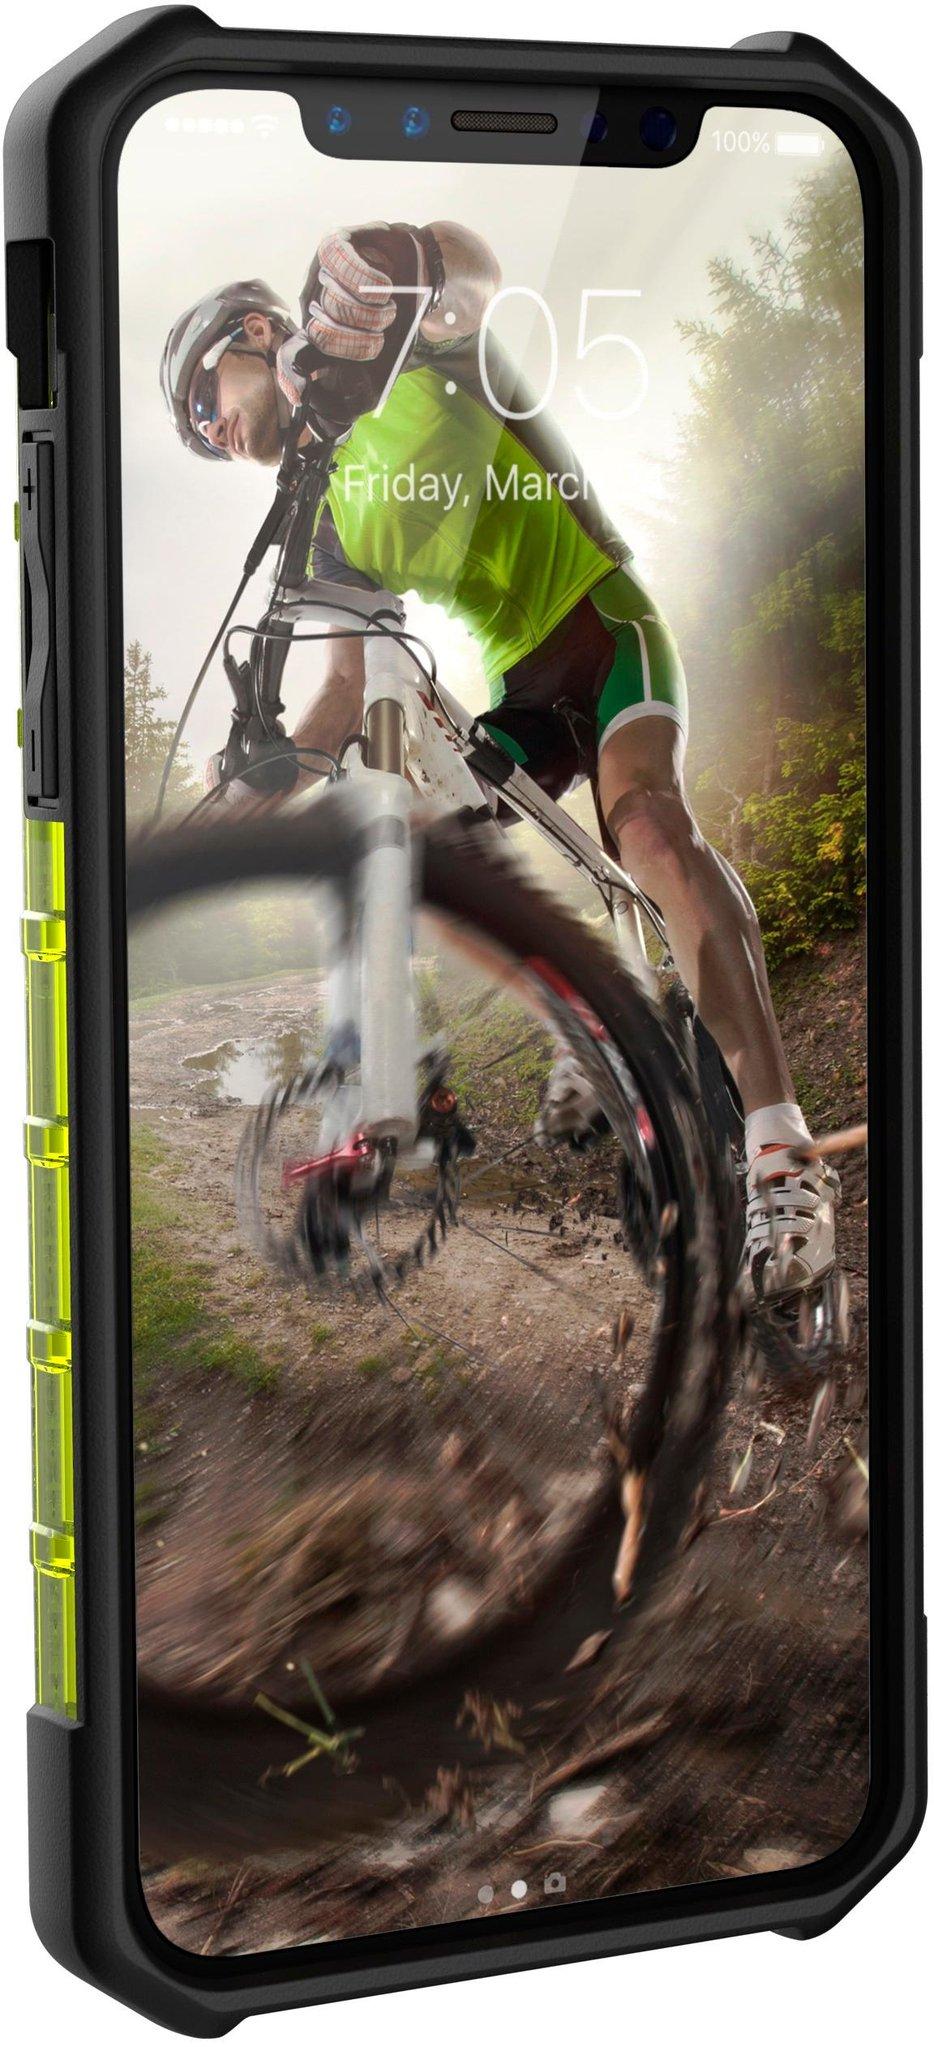 iPhone 8 Imaginea Discutata Internet